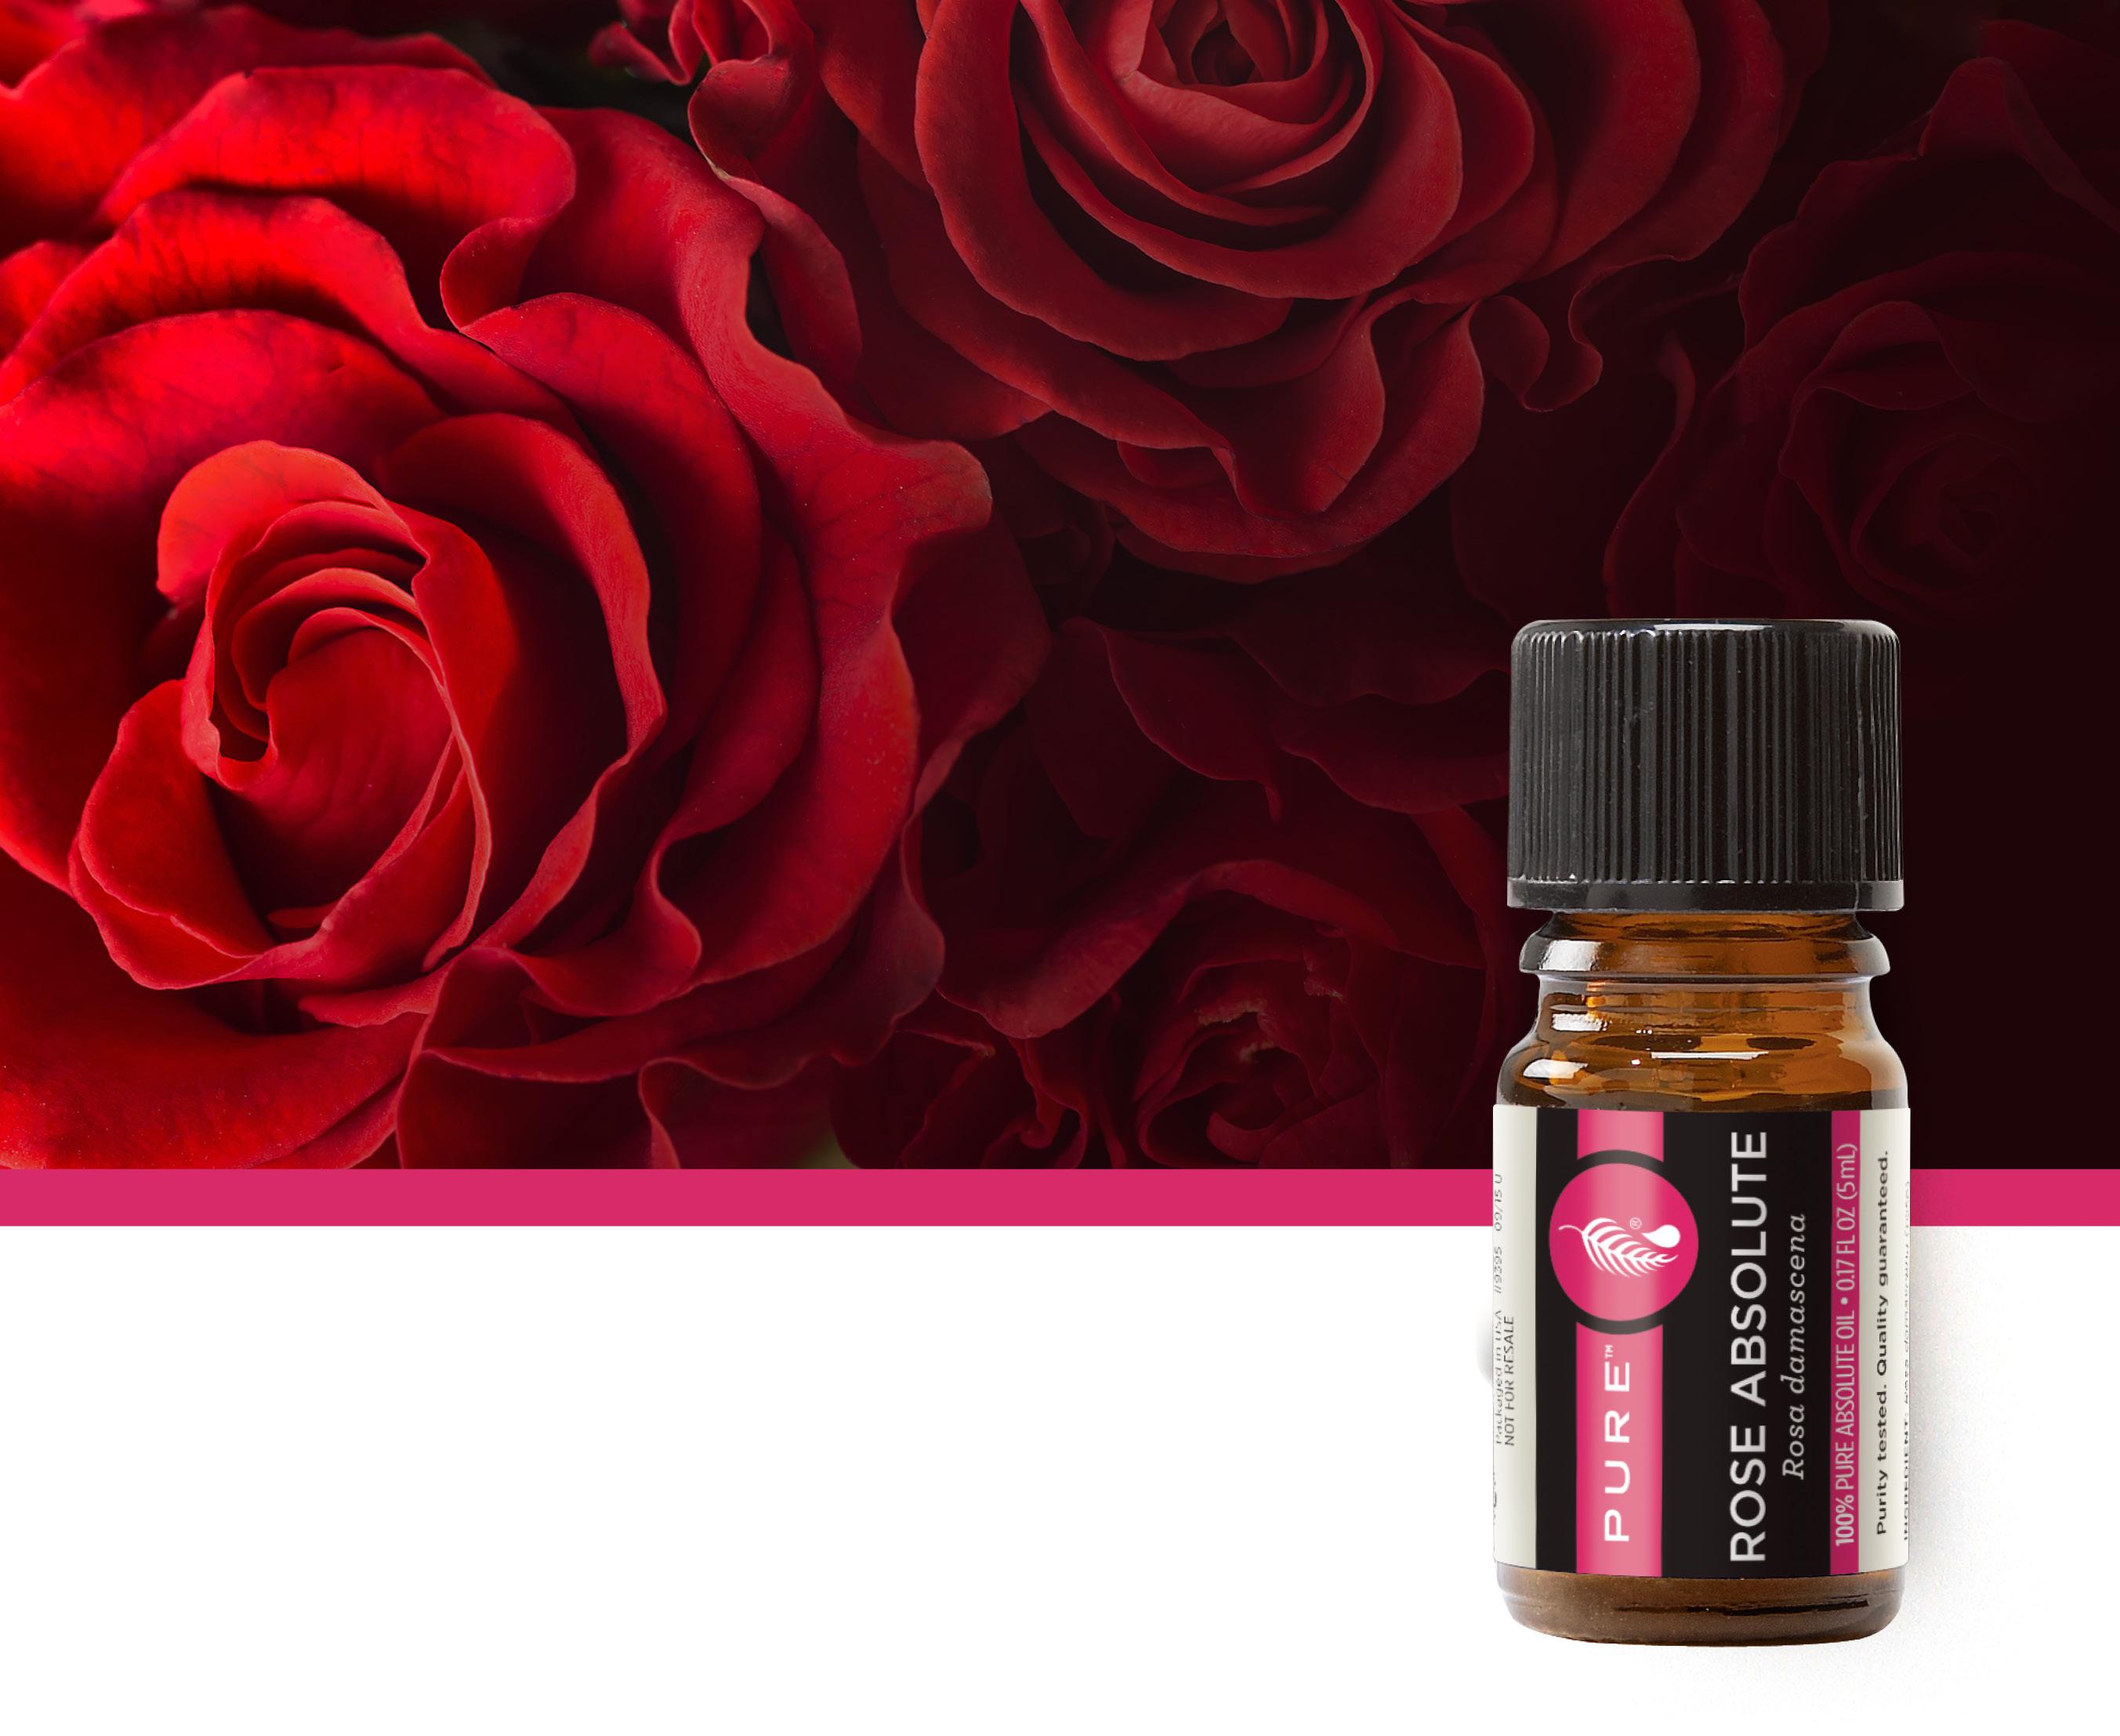 招喚愛的能量! 美樂家純質玫瑰極致精油